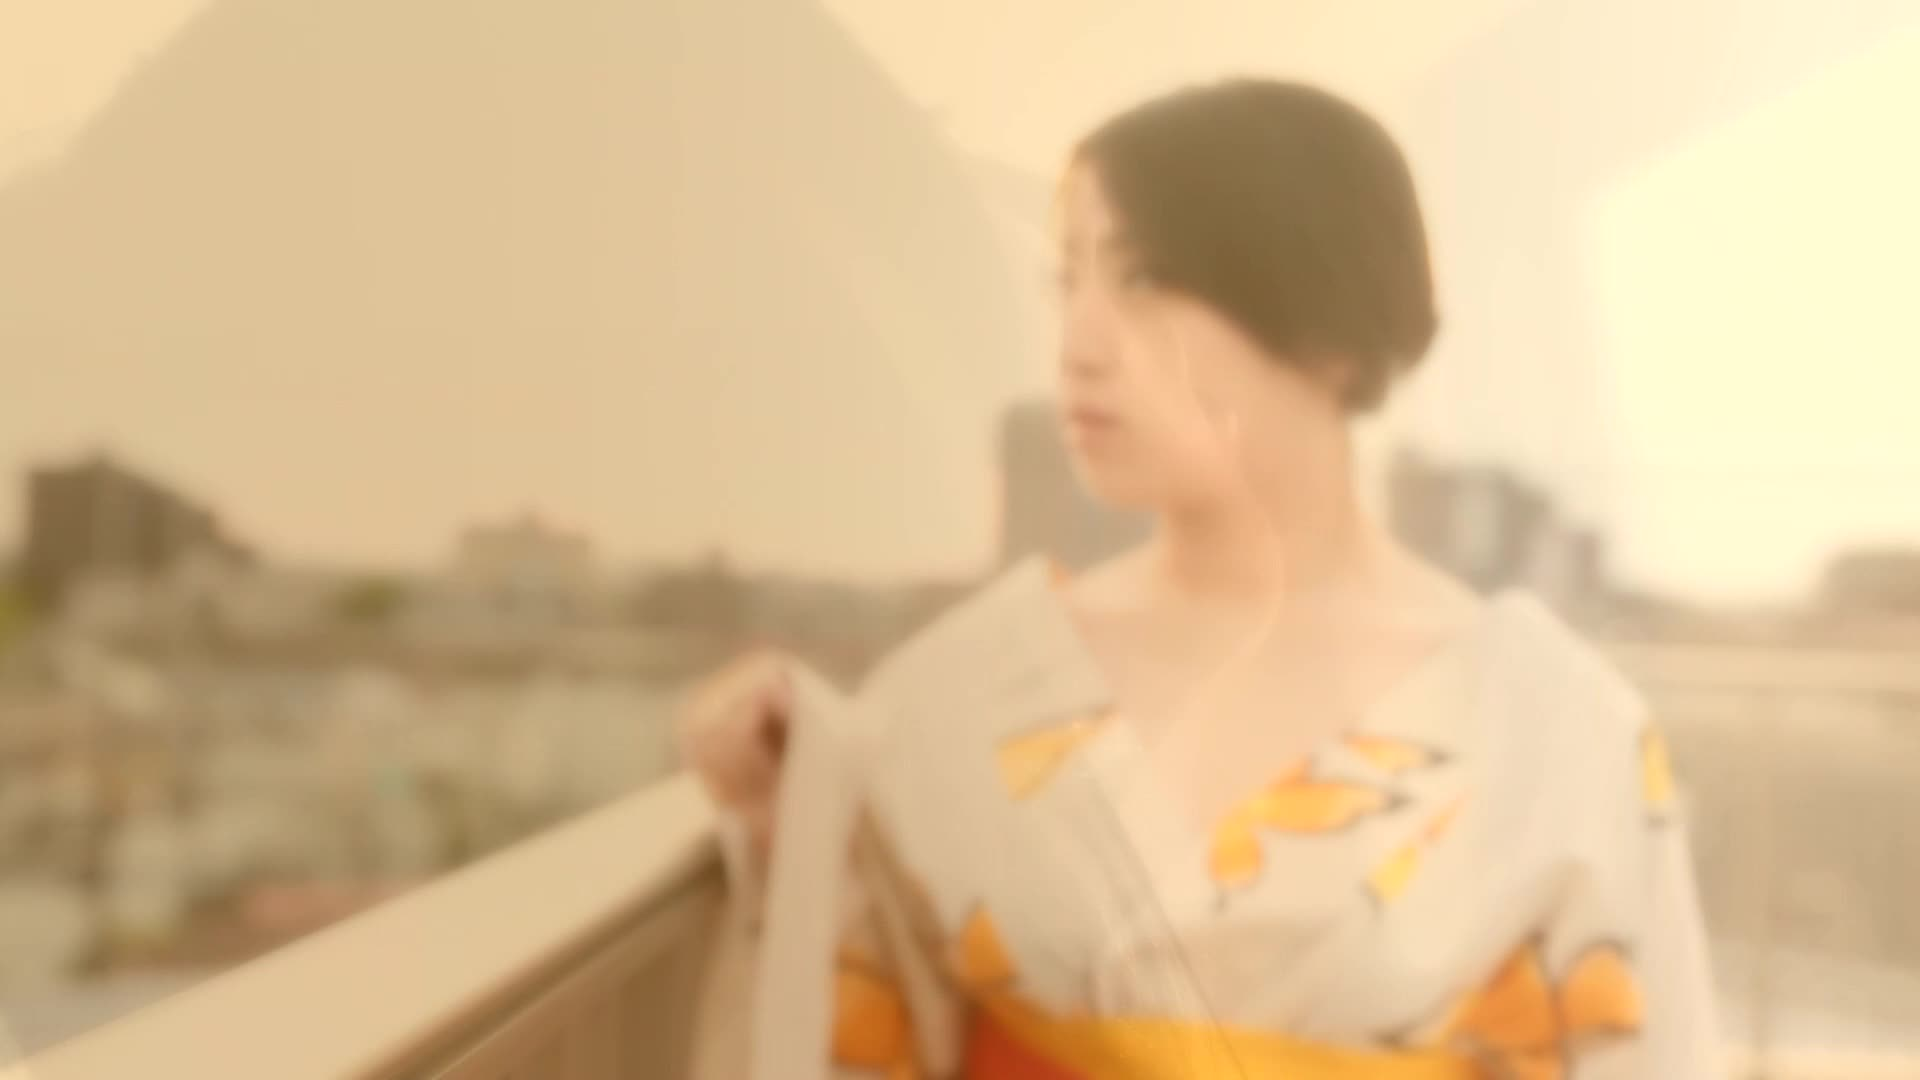 c14 - 逢坂南 トキノツバサニ〜触りたくなる一眼レフムービー〜